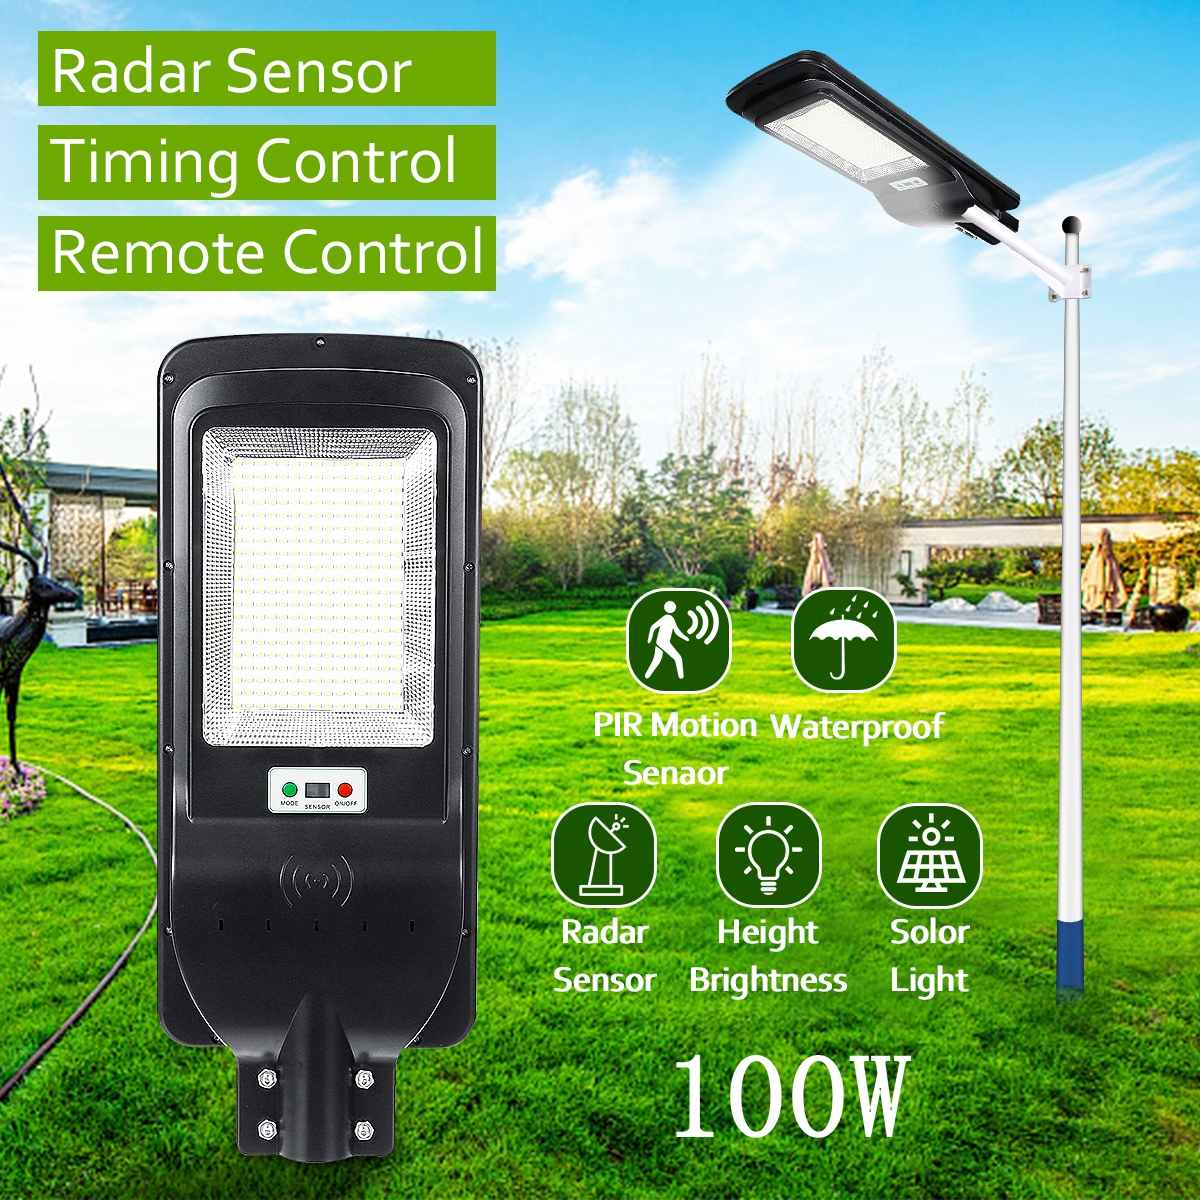 100W 300 LED Solar Licht mit Timing Fernbedienung 5730smd Radar Sensor Outdoor Solar Beleuchtung Wasserdichte IP65 für Garten hof